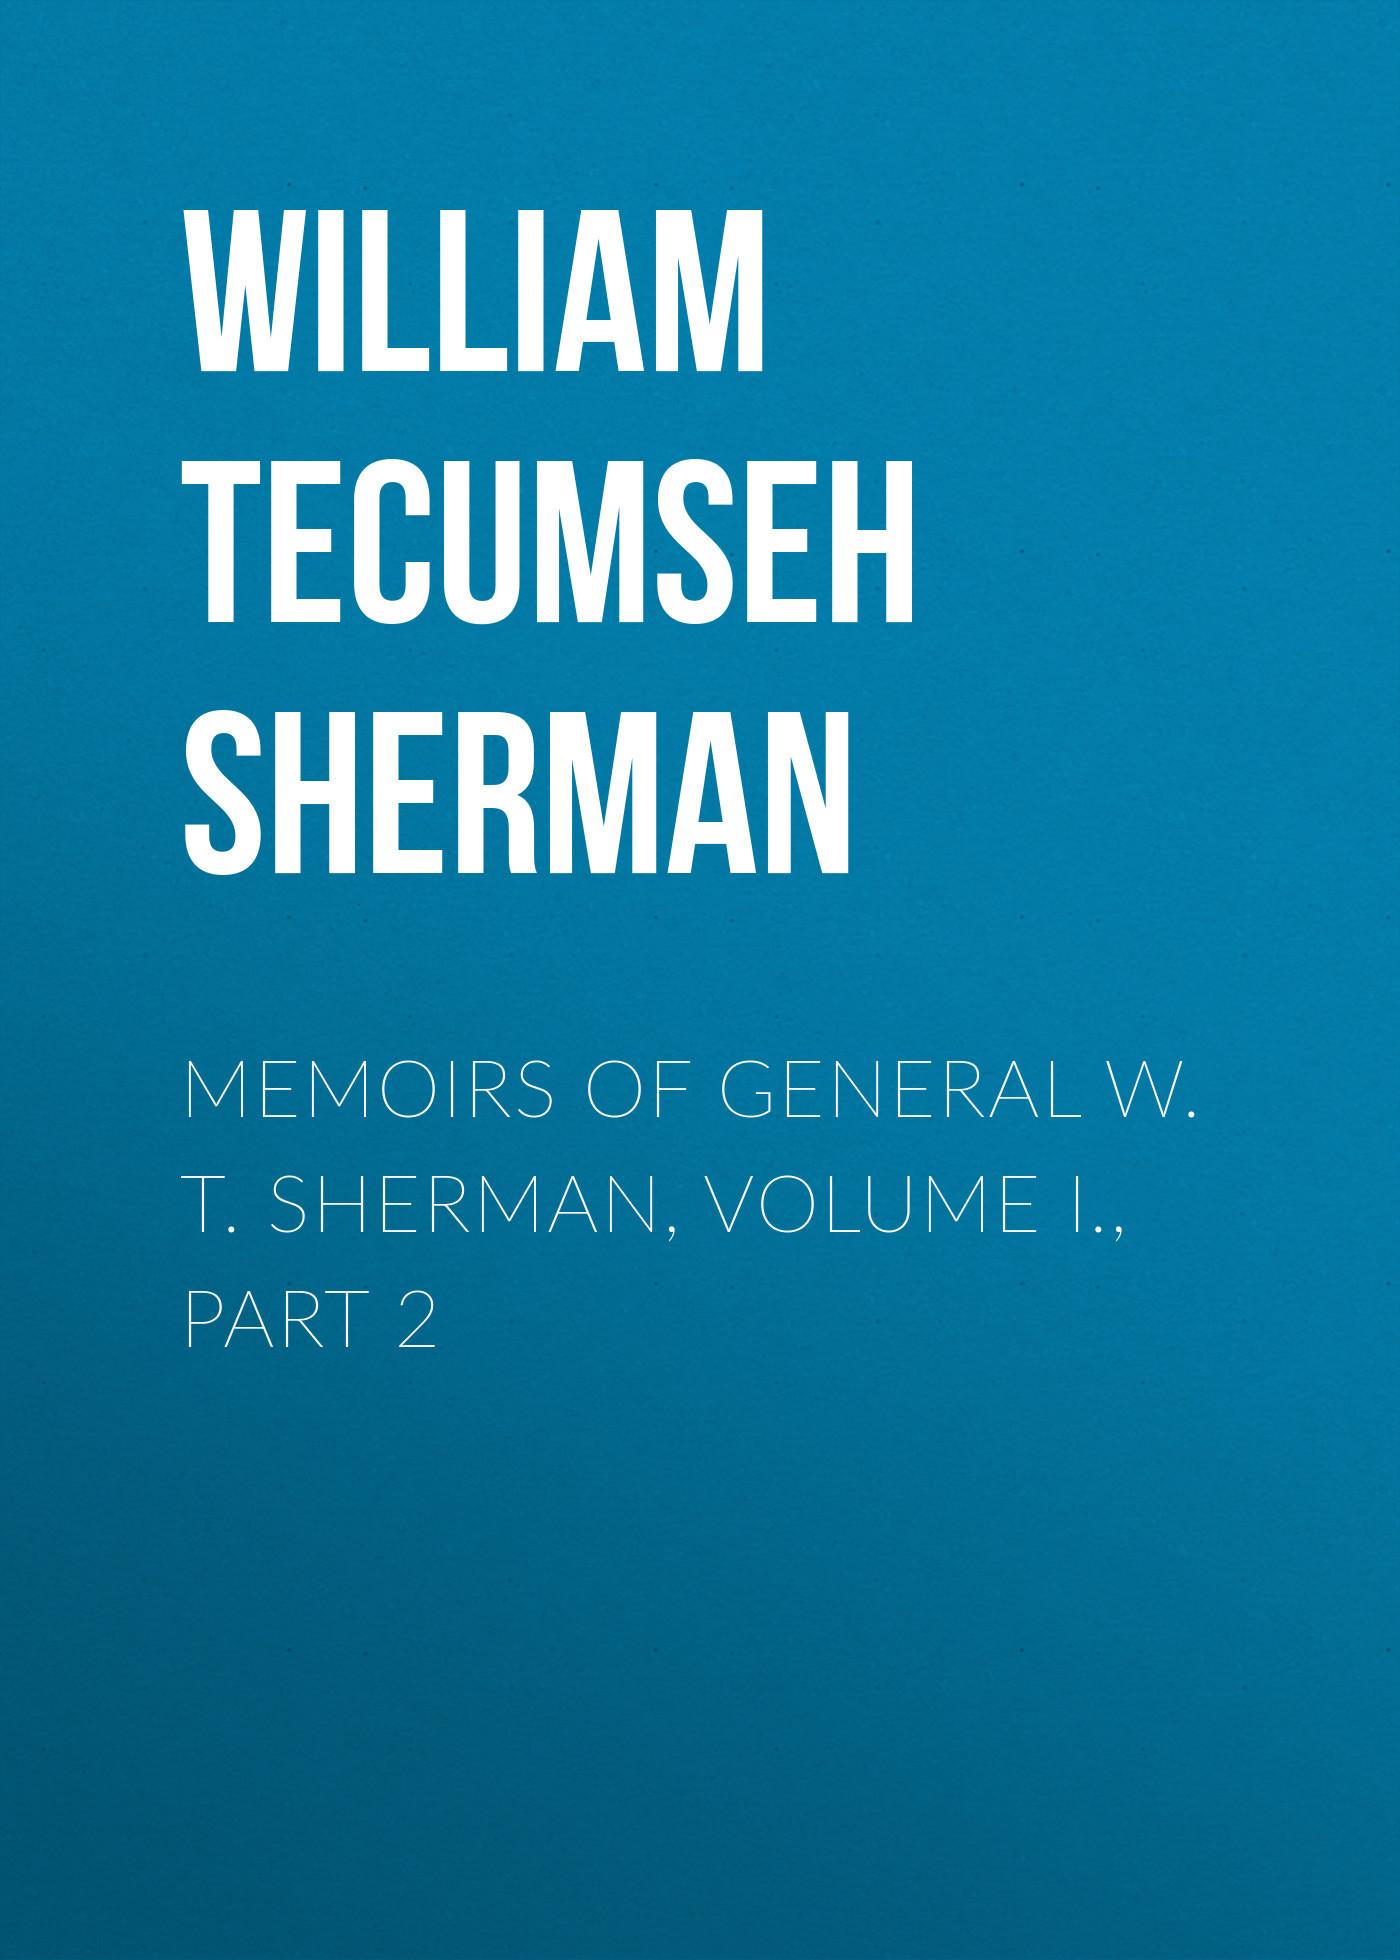 William Tecumseh Sherman Memoirs of General W. T. Sherman, Volume I., Part 2 sherman